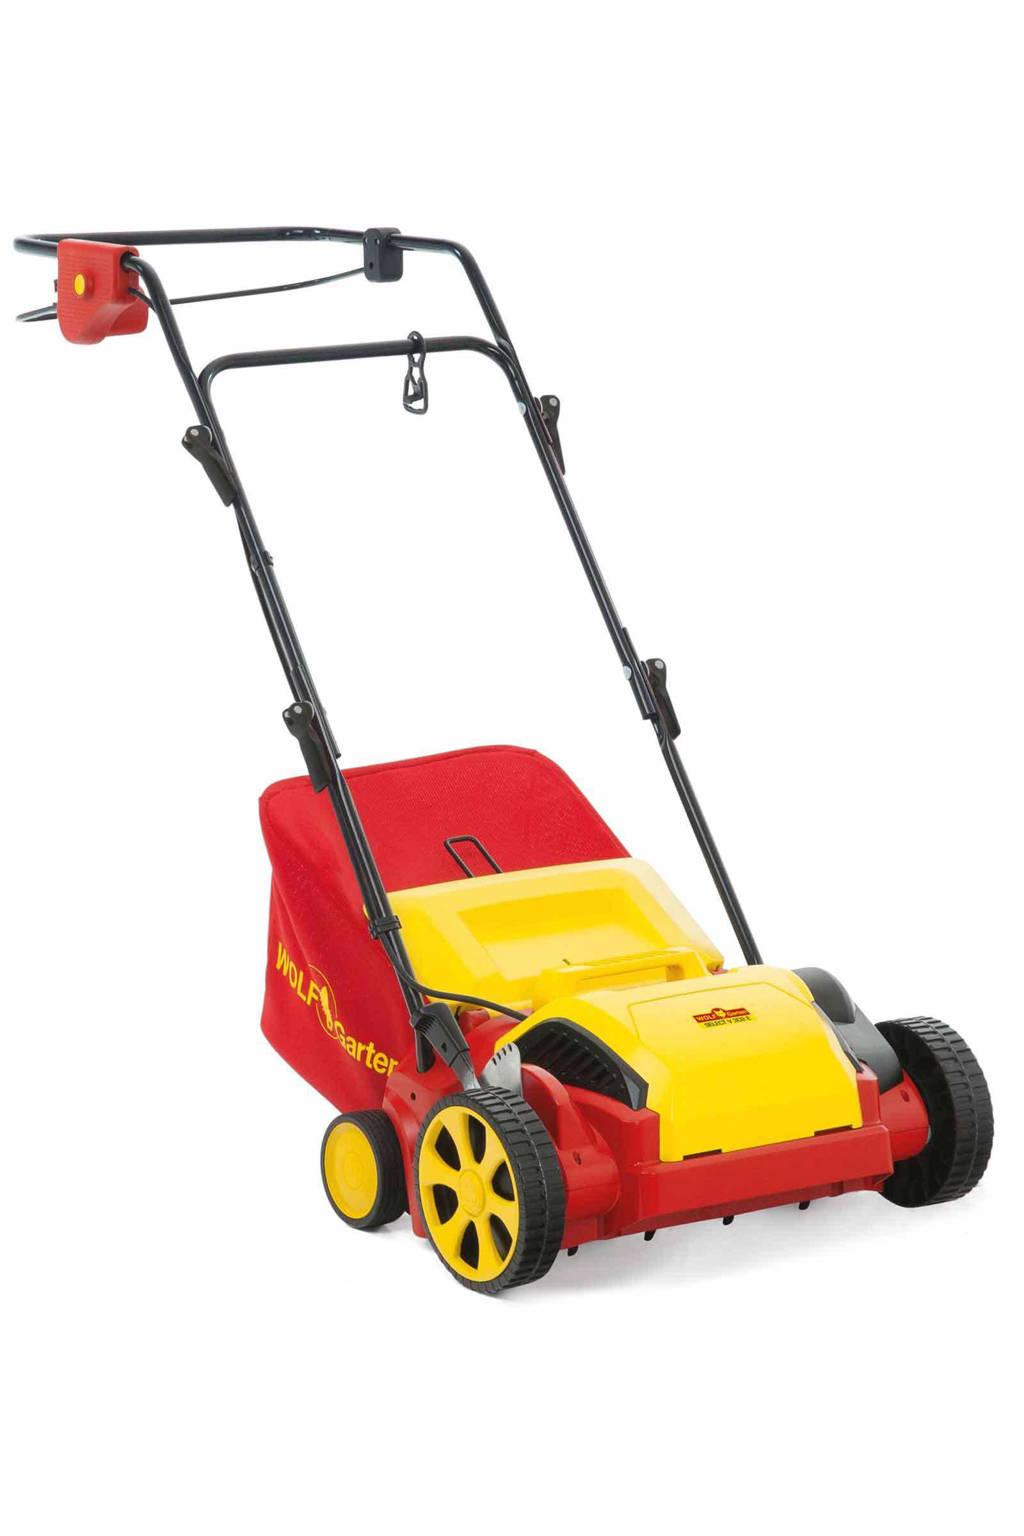 WOLF-Garten VS 302 E elektrische verticuteermachine